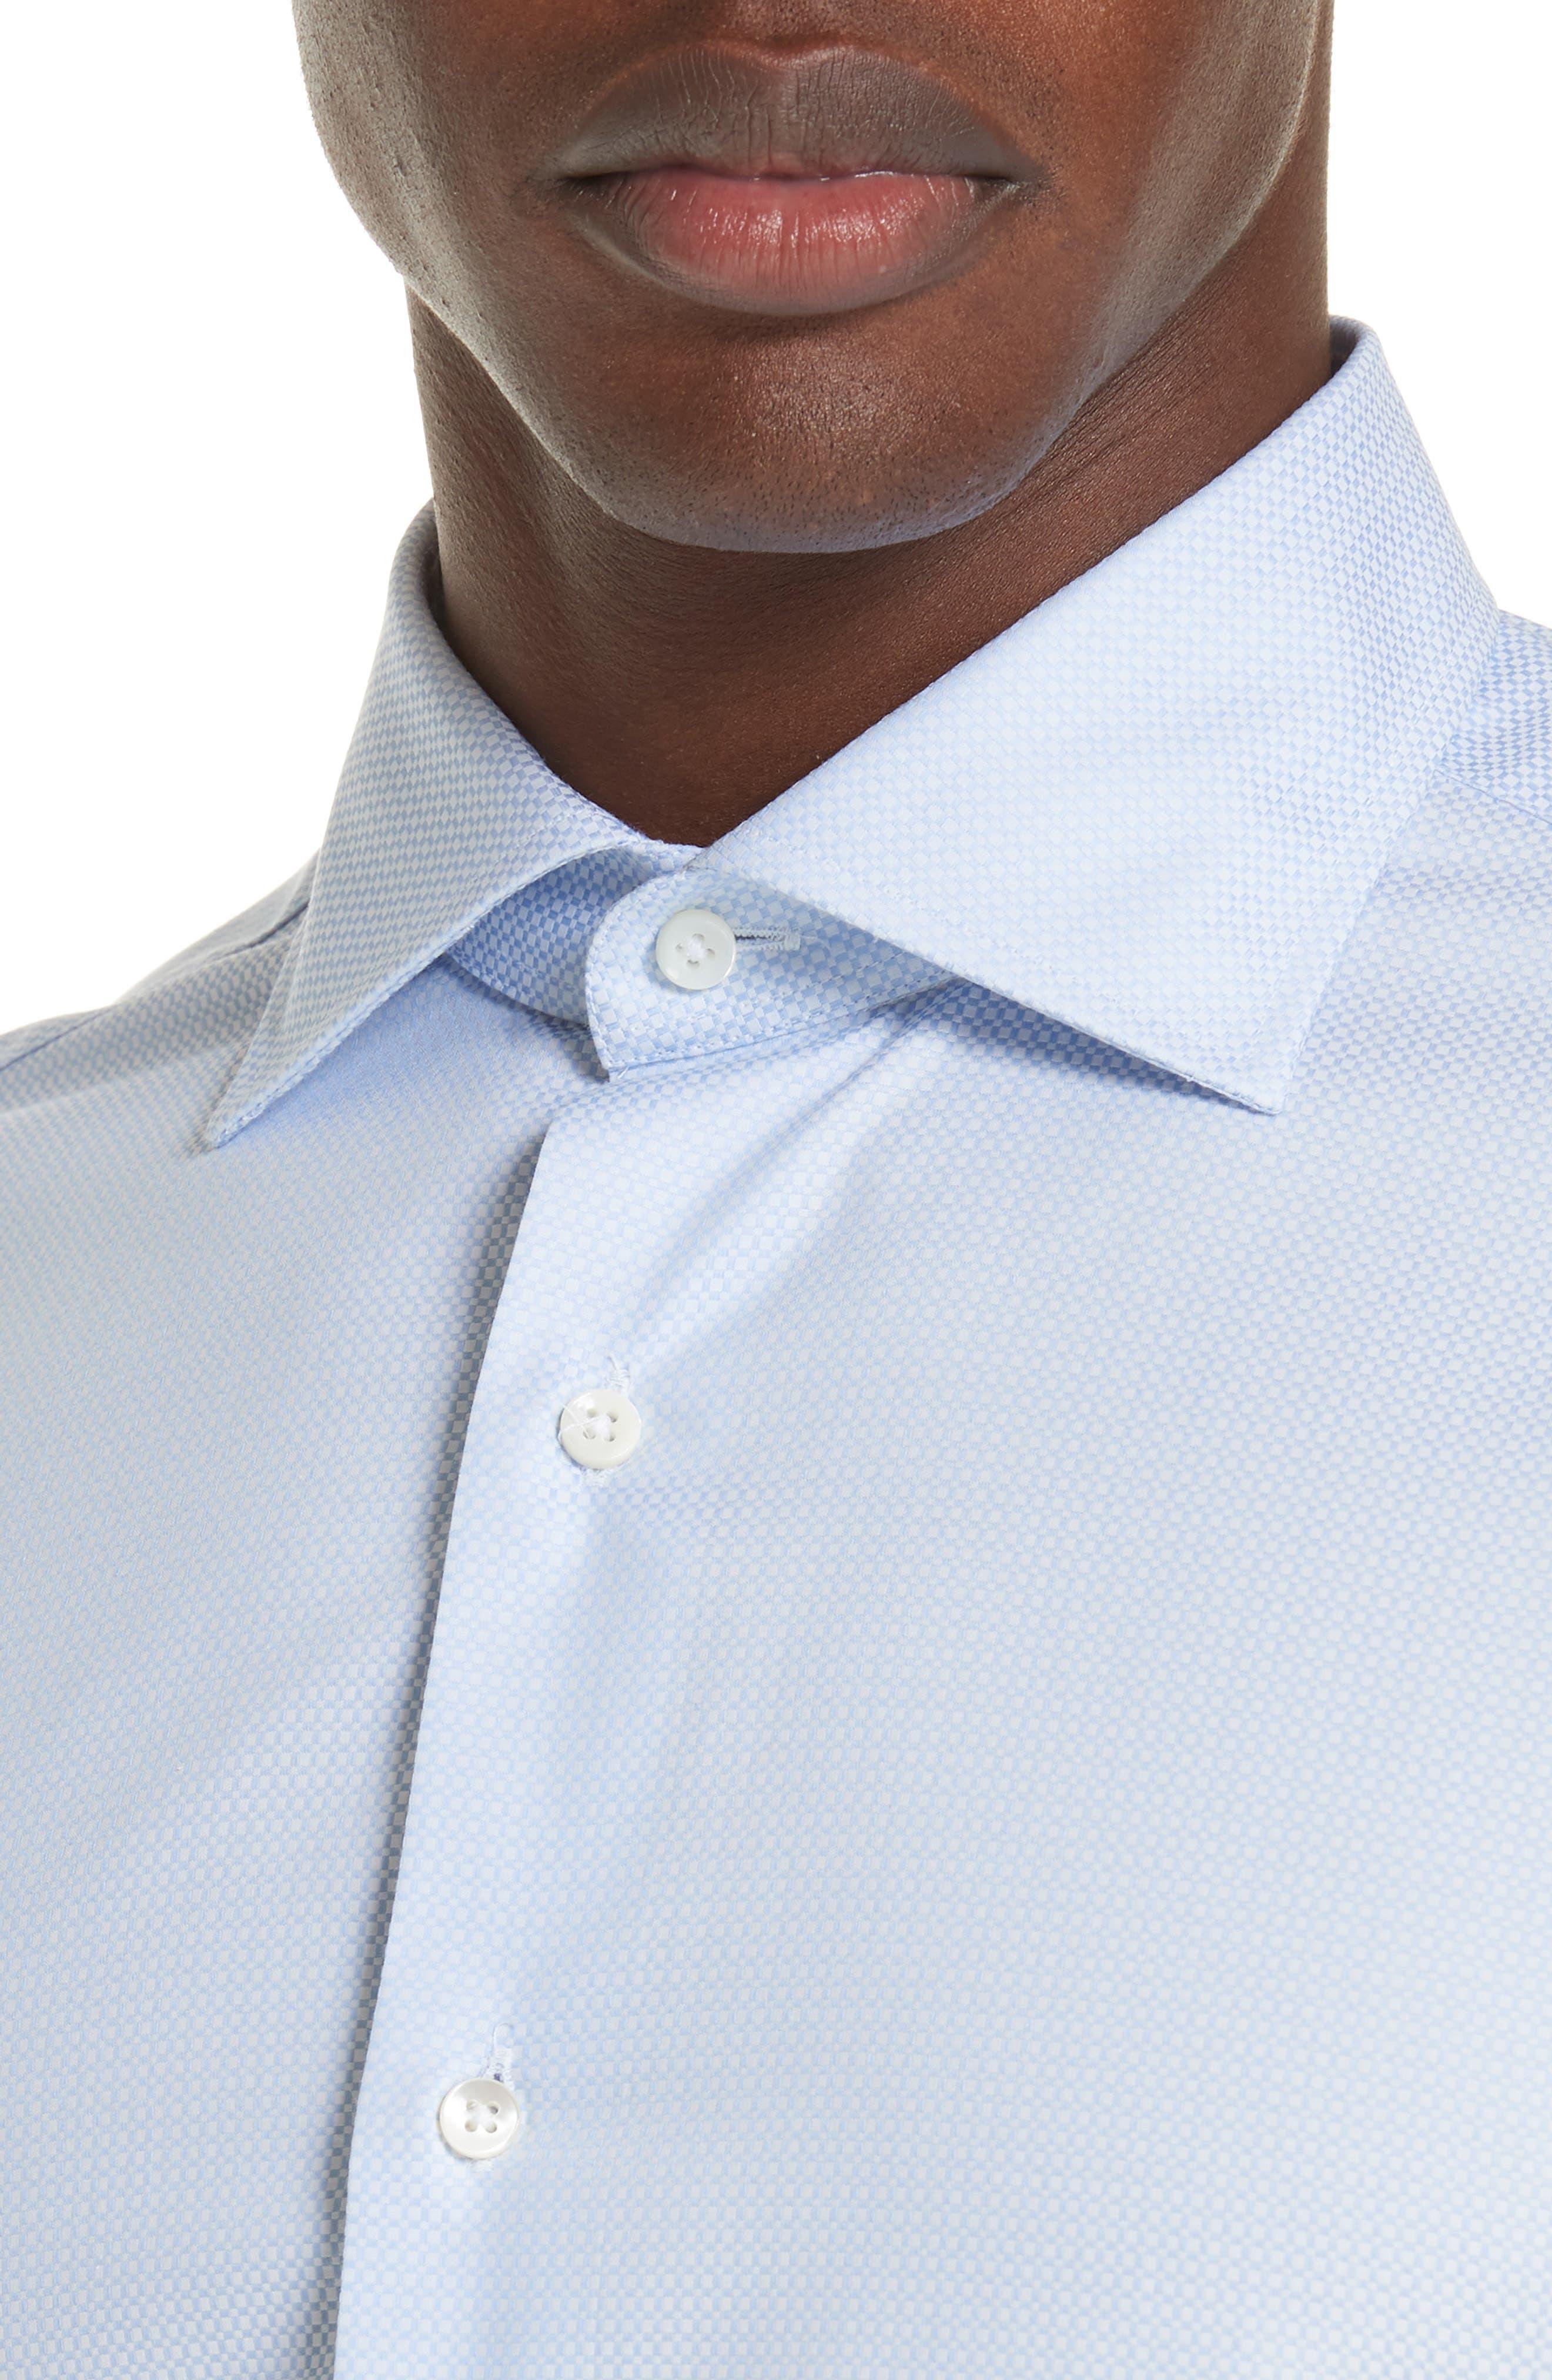 Trim Fit Geometric Dress Shirt,                             Alternate thumbnail 2, color,                             LIGHT BLUE